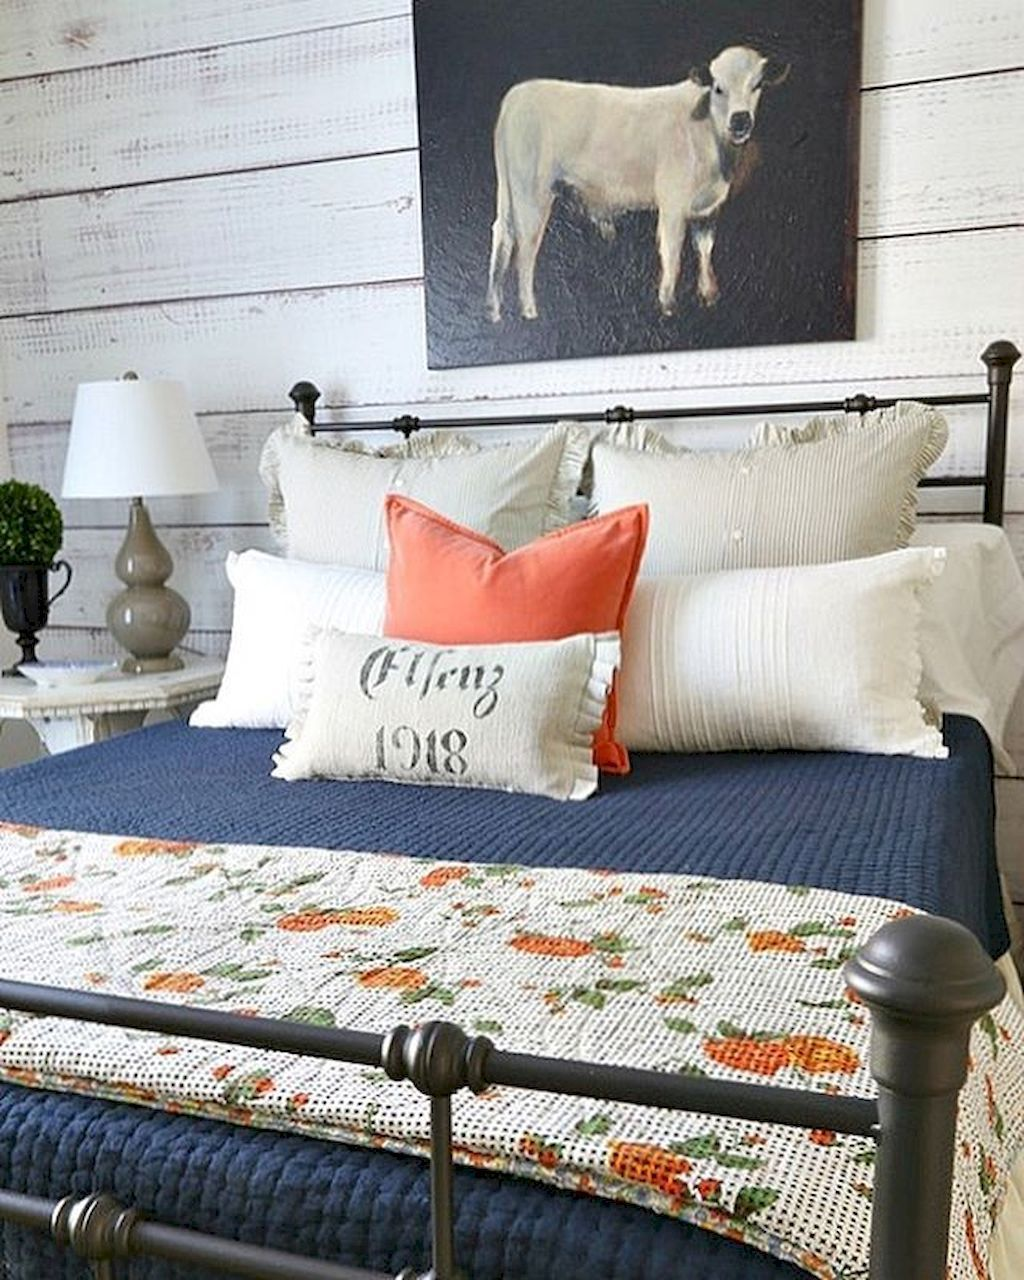 55+ Farmhouse Style Master Bedroom Decoration Ideas (With ... on Farmhouse Bedroom Curtain Ideas  id=48213